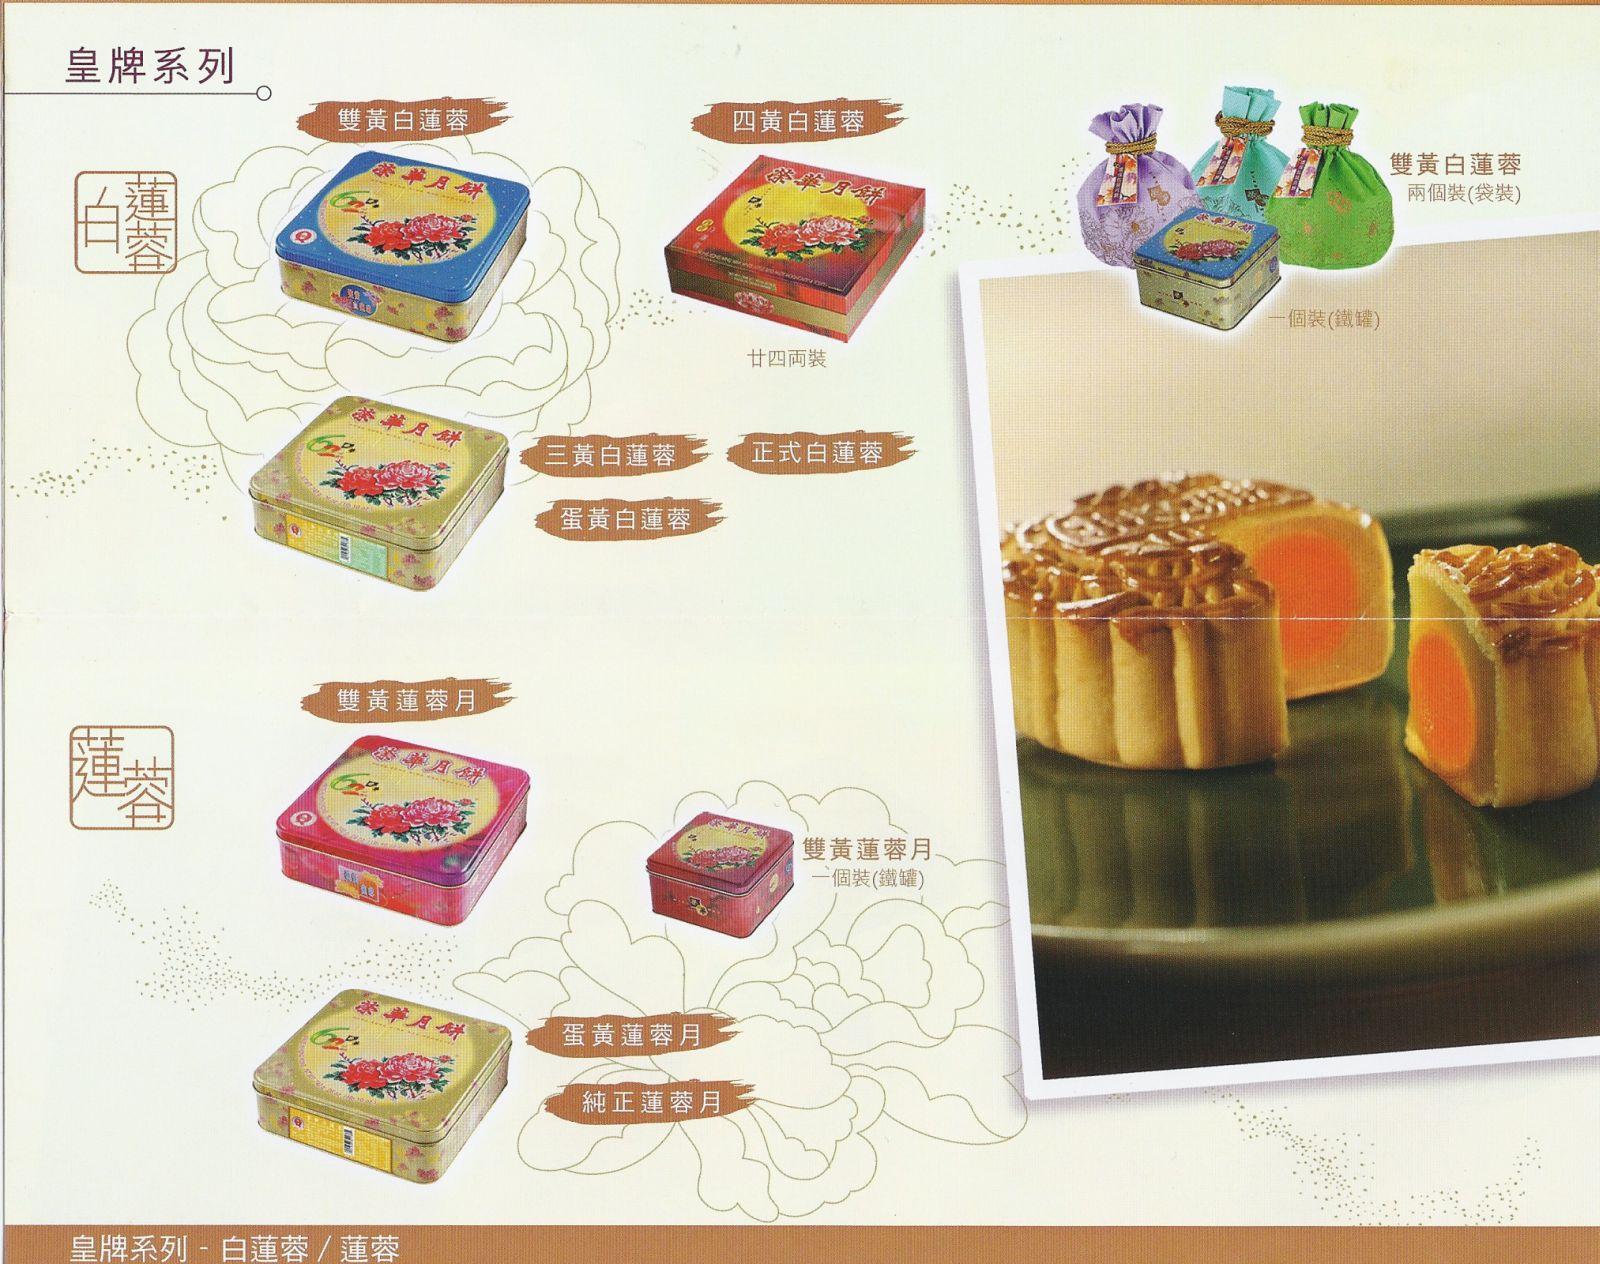 香港中秋月餅 Hong Kong Moon Cake: 榮華月餅 2012 月餅 價目表